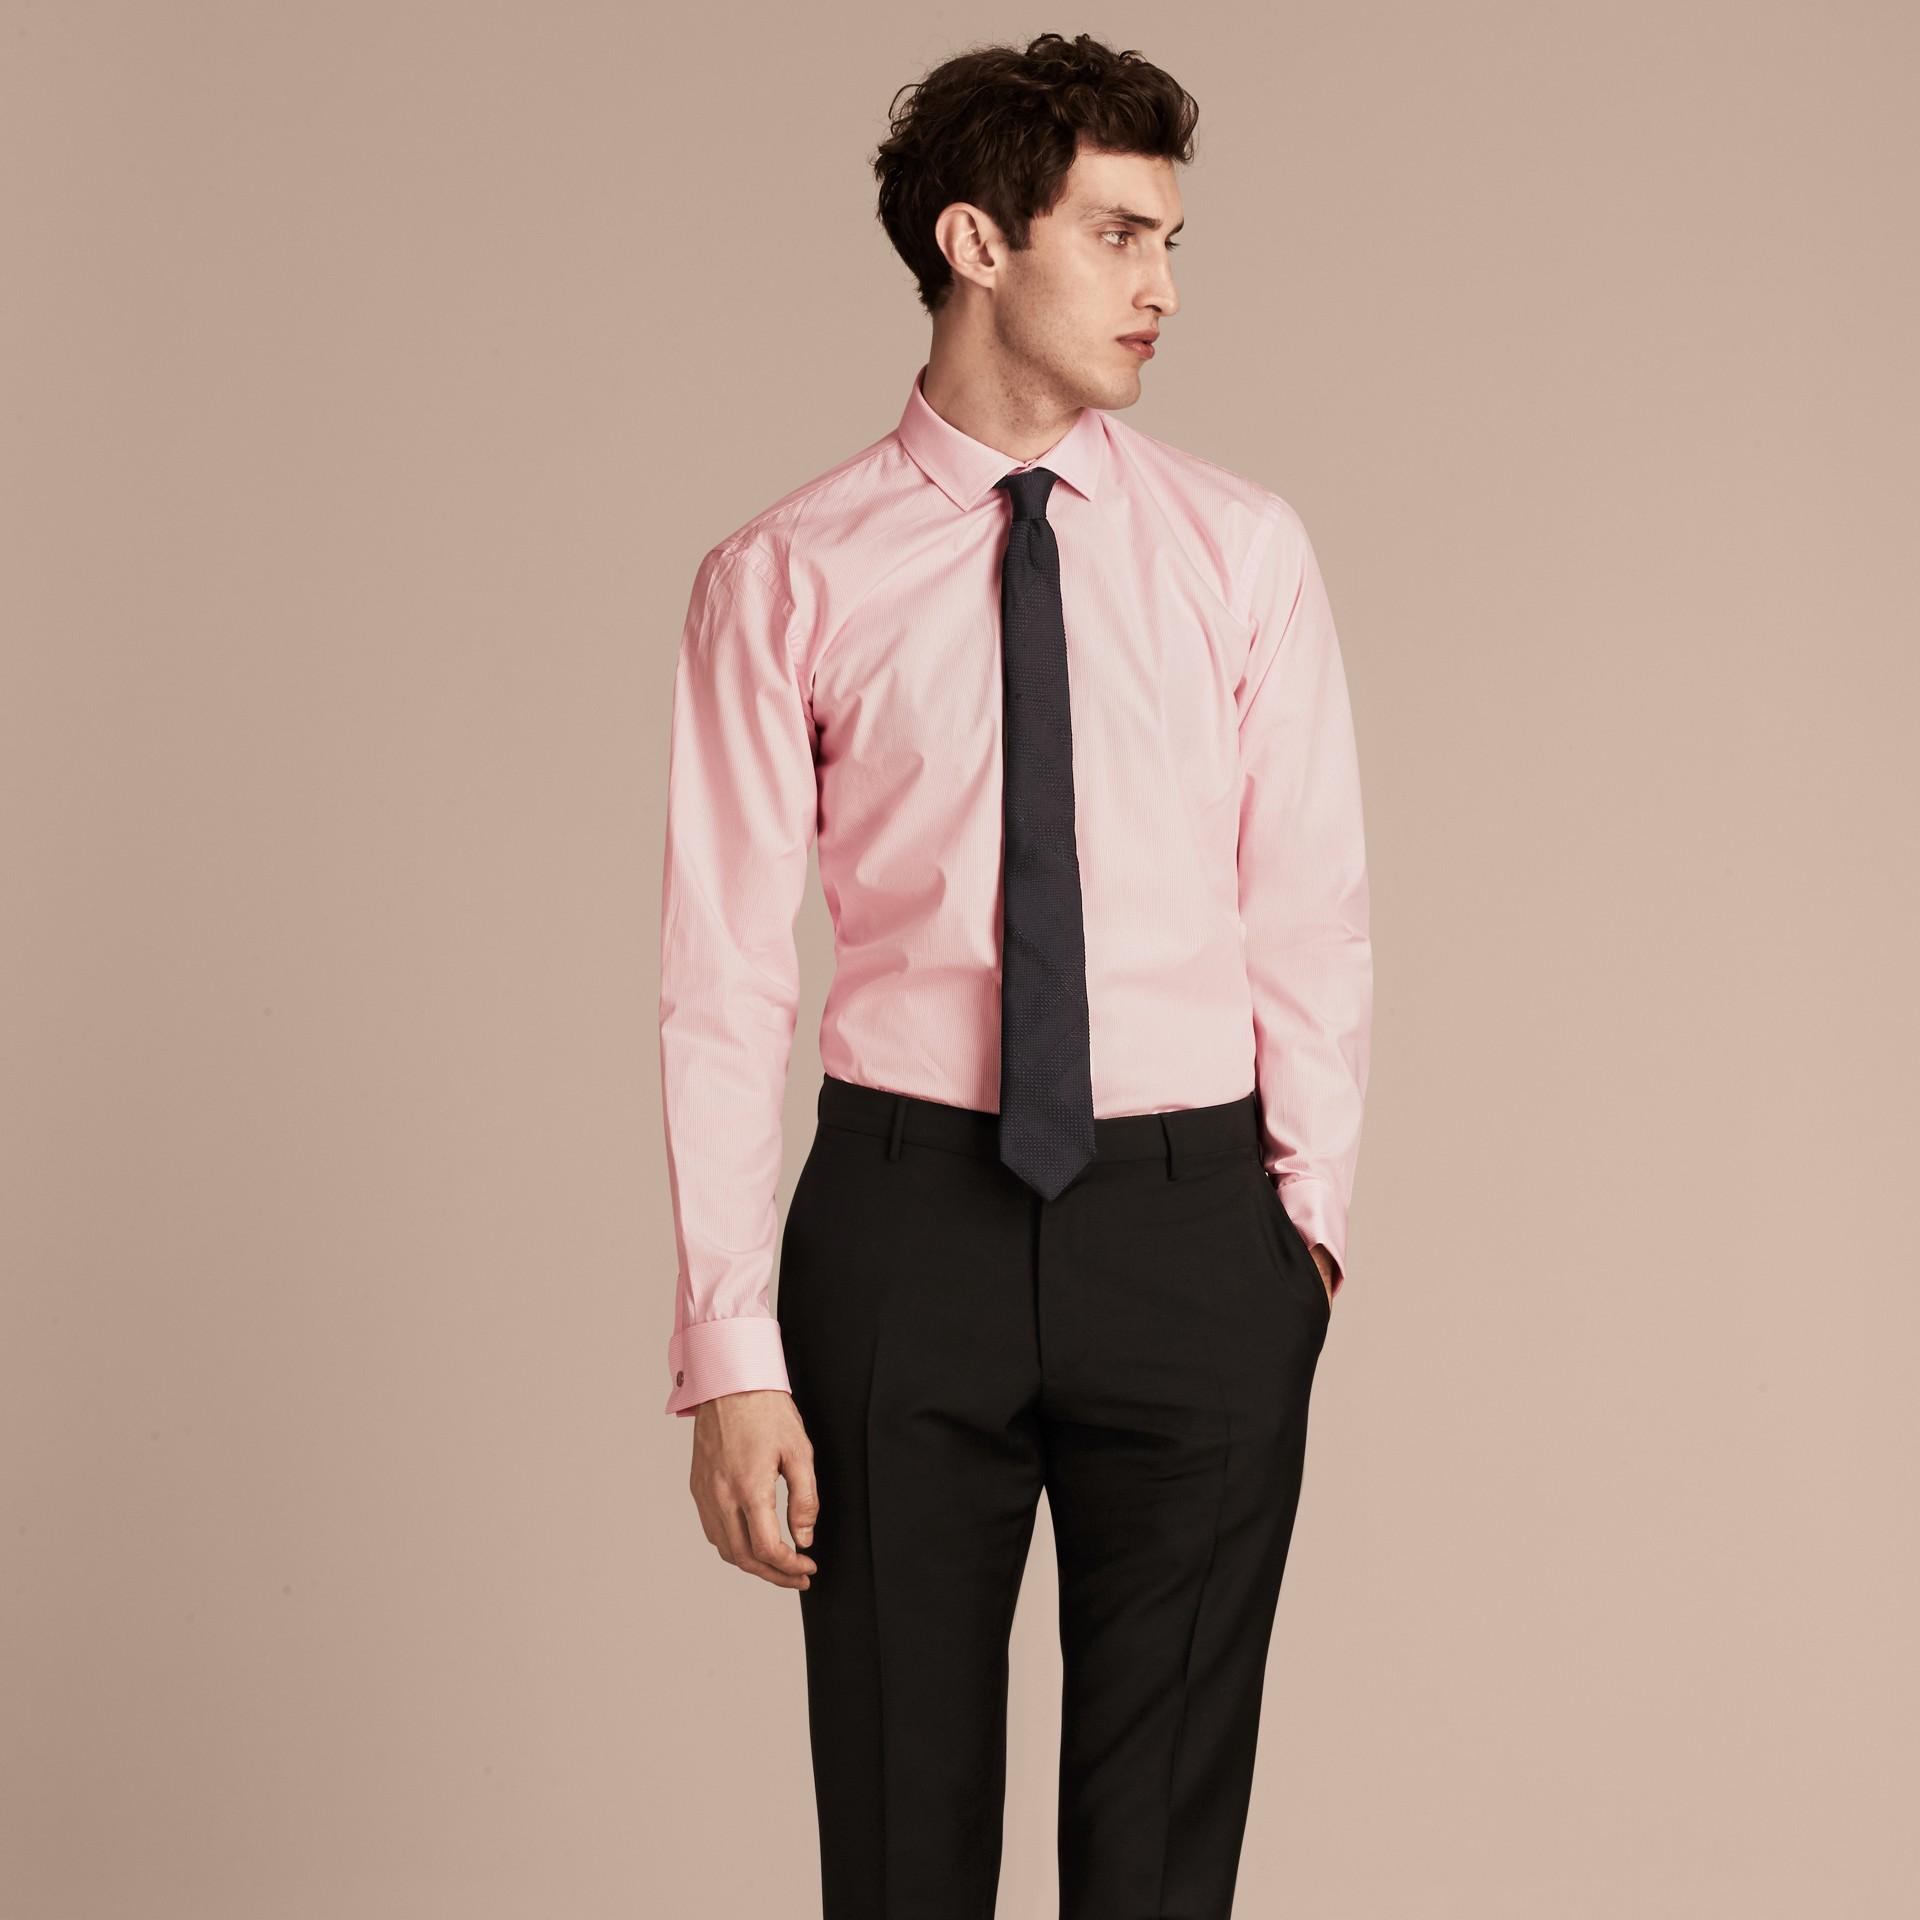 Рубашка в полоску с двойными манжетами Городской Розовый - изображение 6